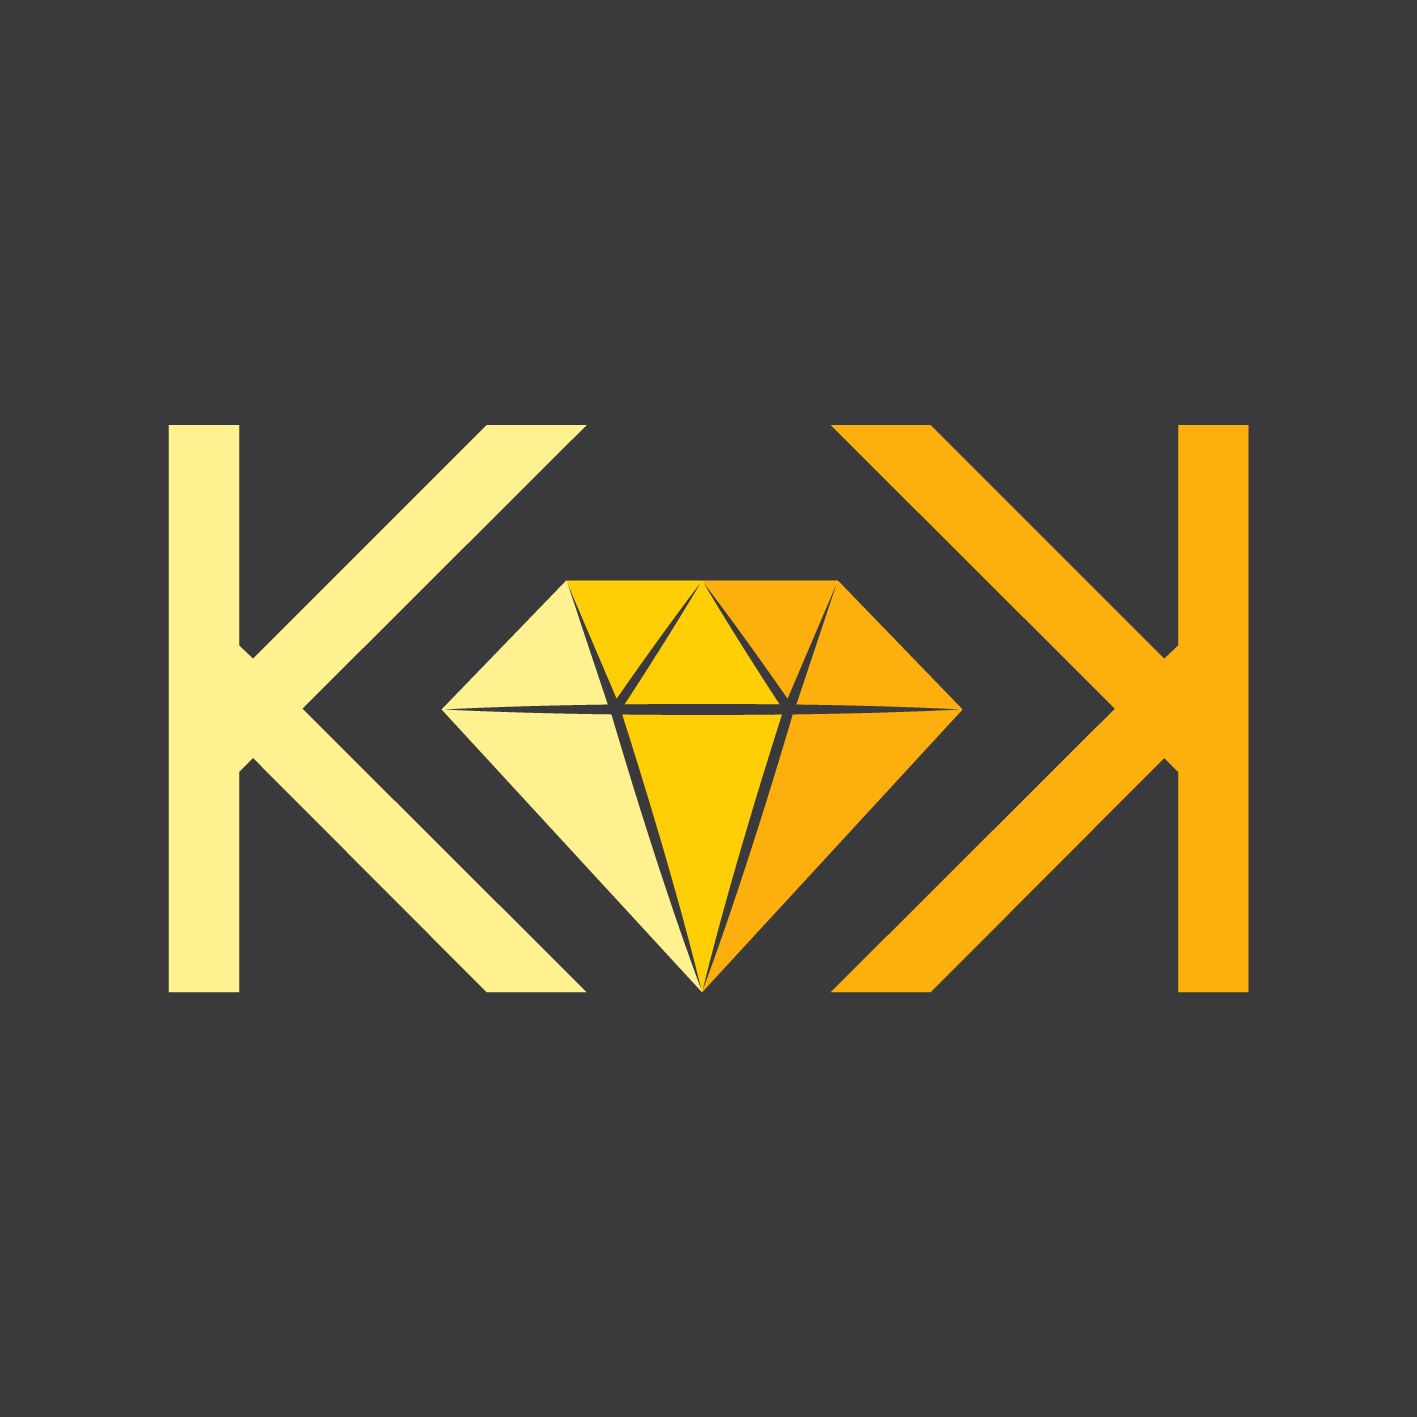 Разработка логотипа фото f_864598ae309d04f6.jpg